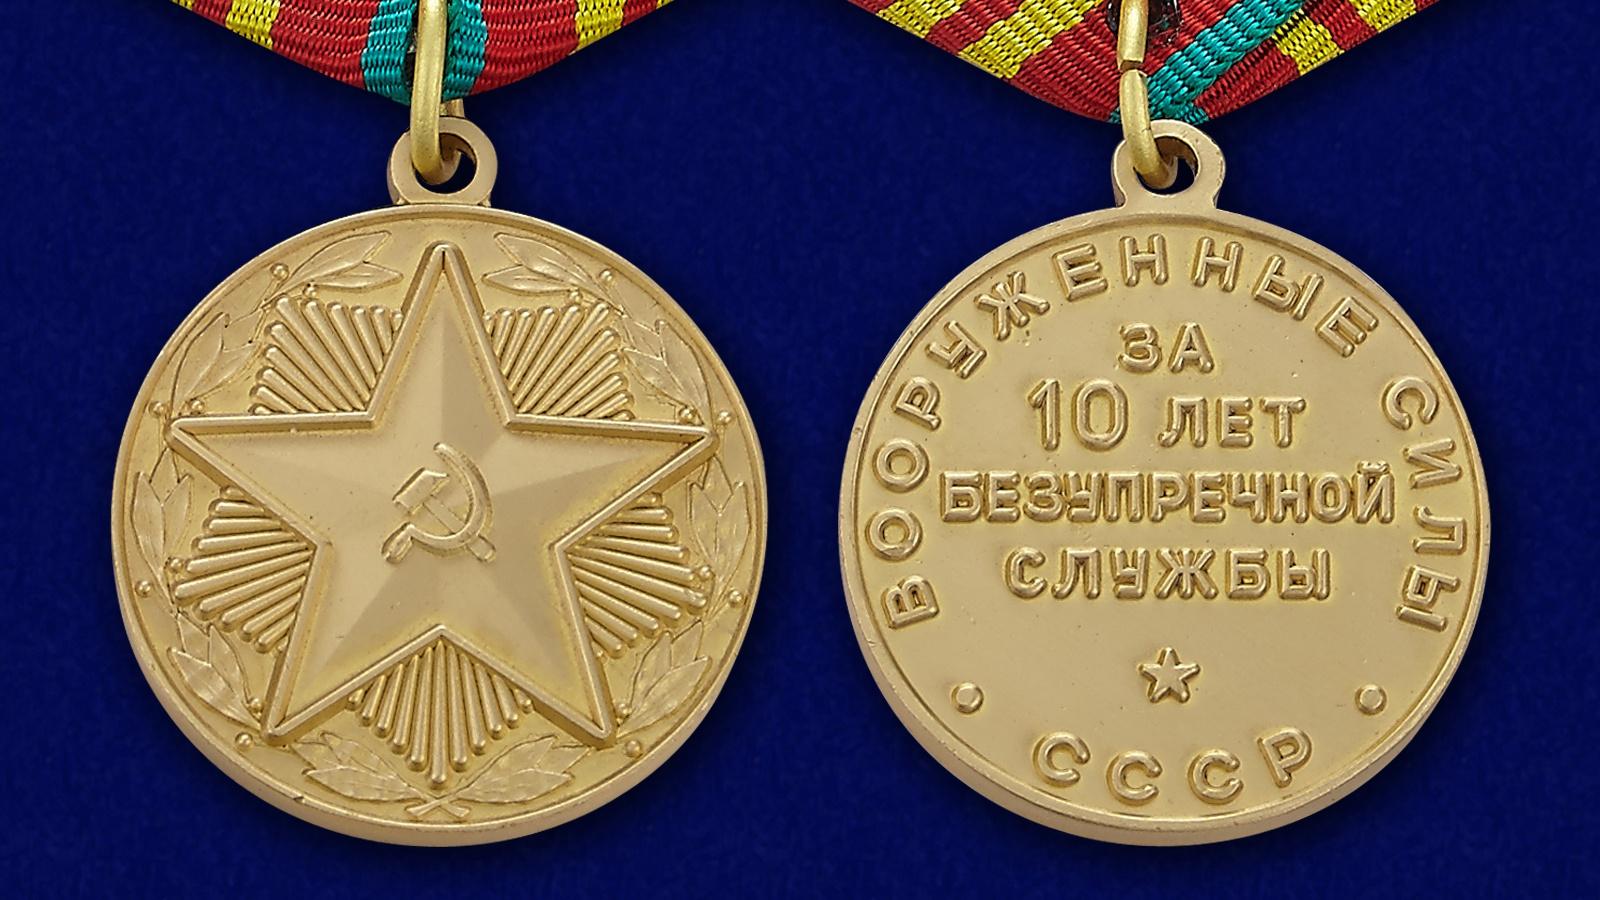 Медаль За безупречную службу ВС СССР 3 степени (муляж) - аверс и реверс